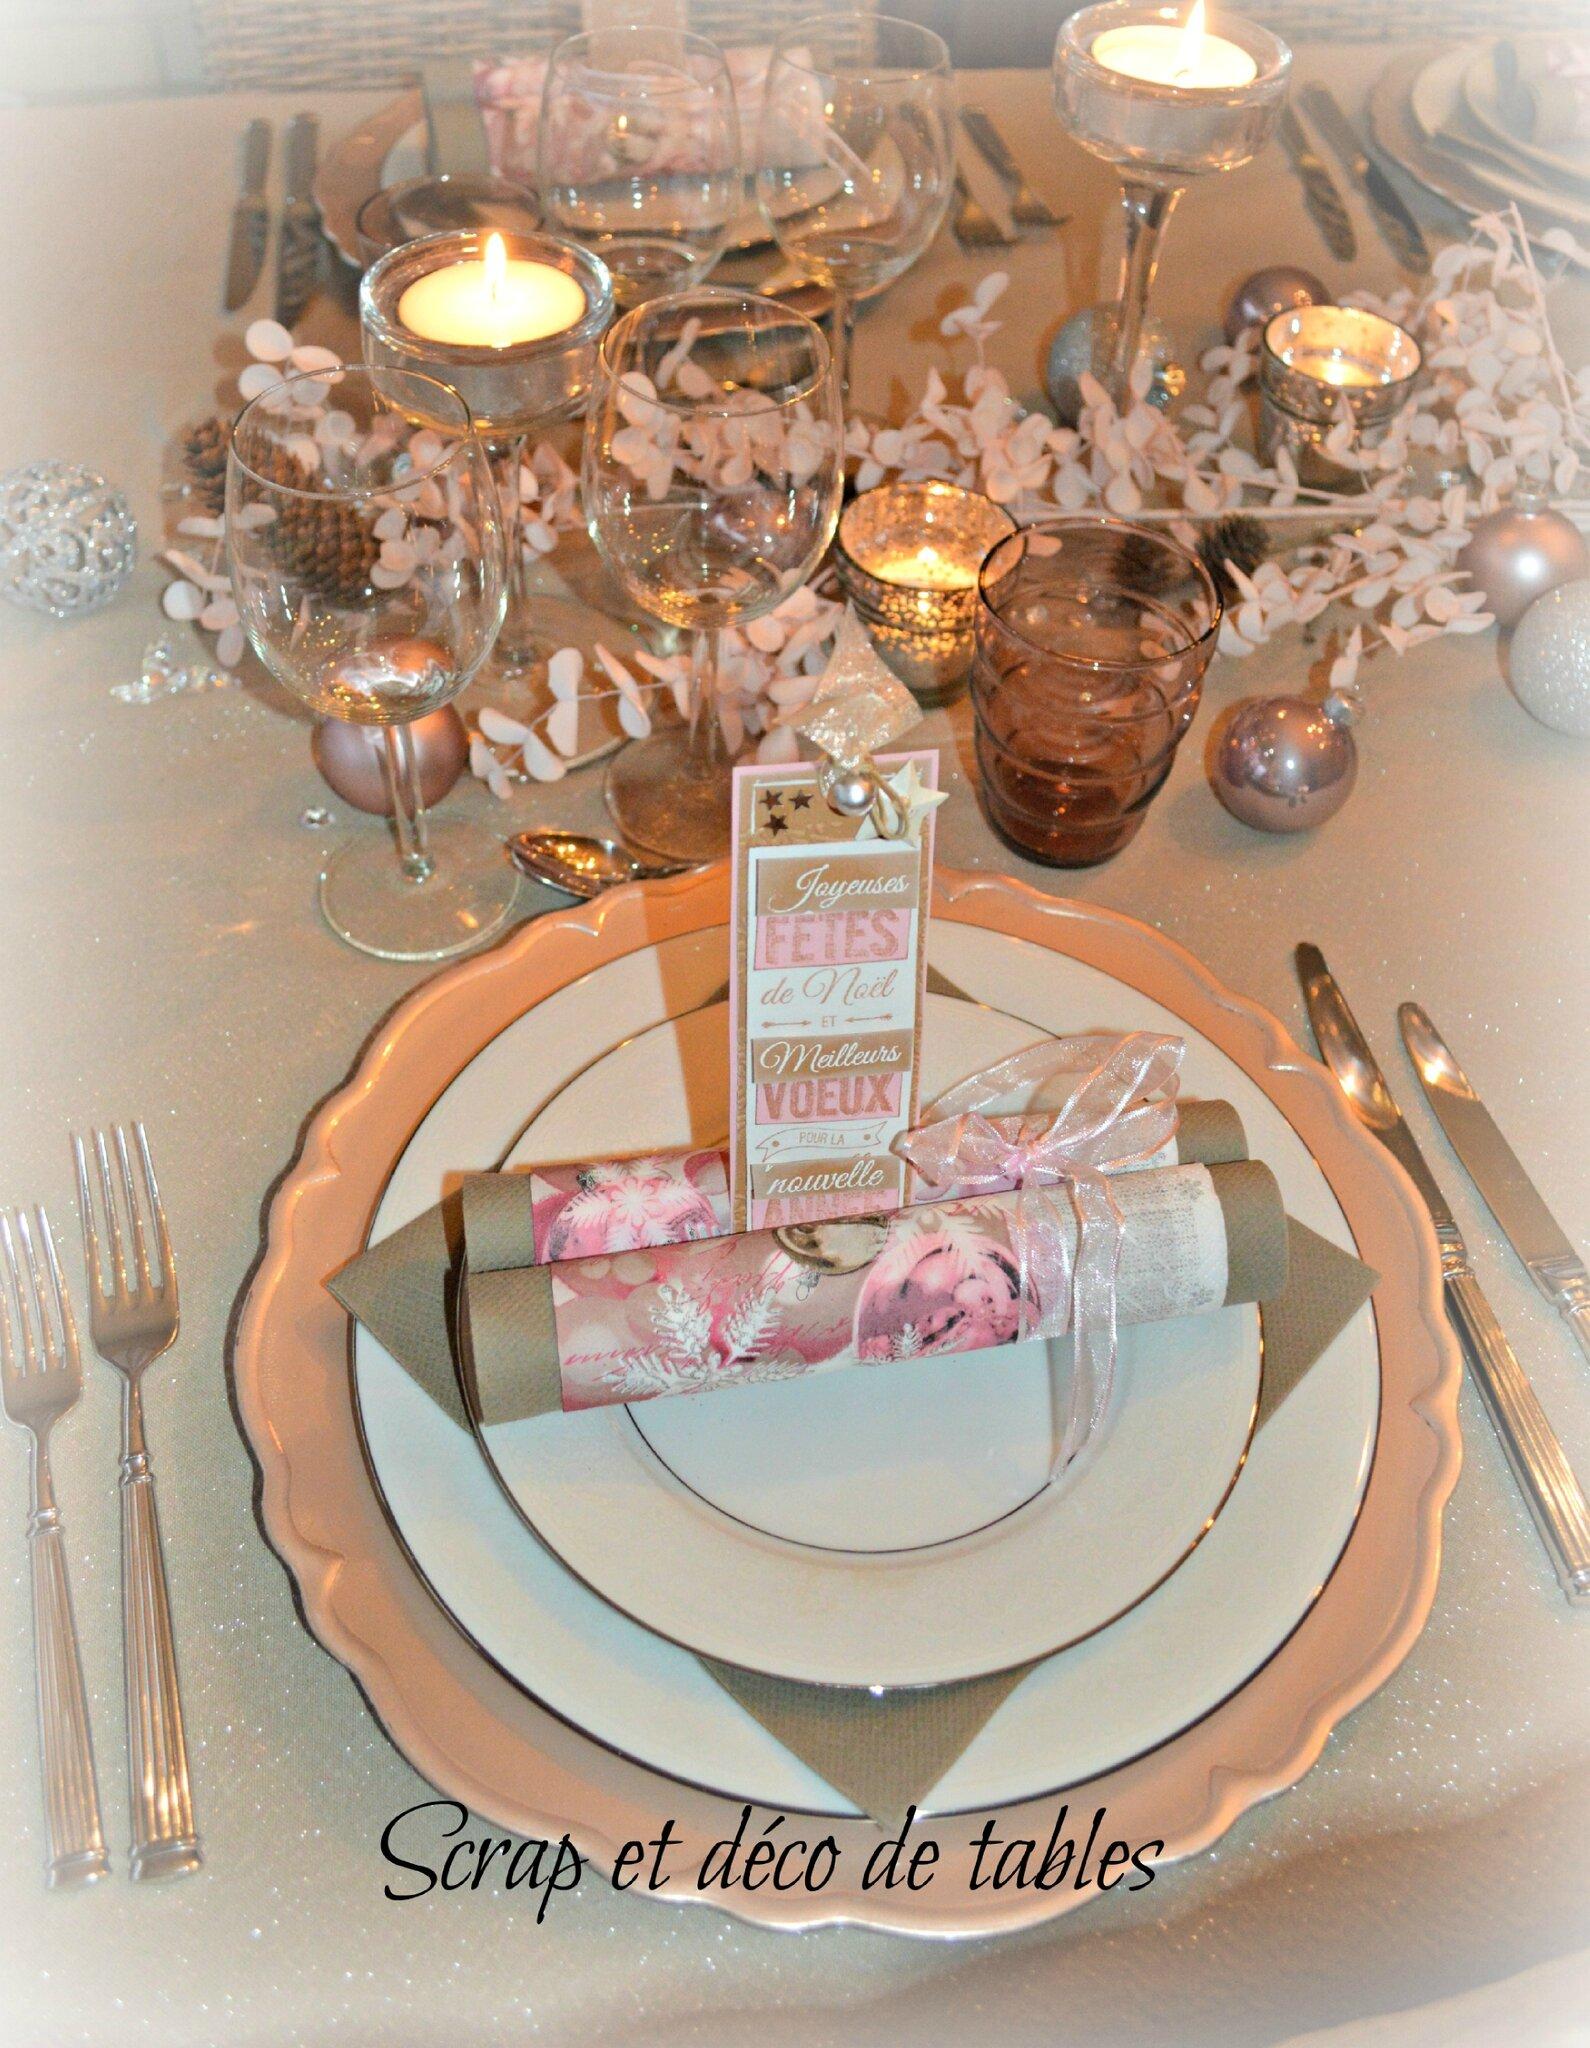 deco de tables du r veillon de no l rose et argent scrap et d co de tables. Black Bedroom Furniture Sets. Home Design Ideas